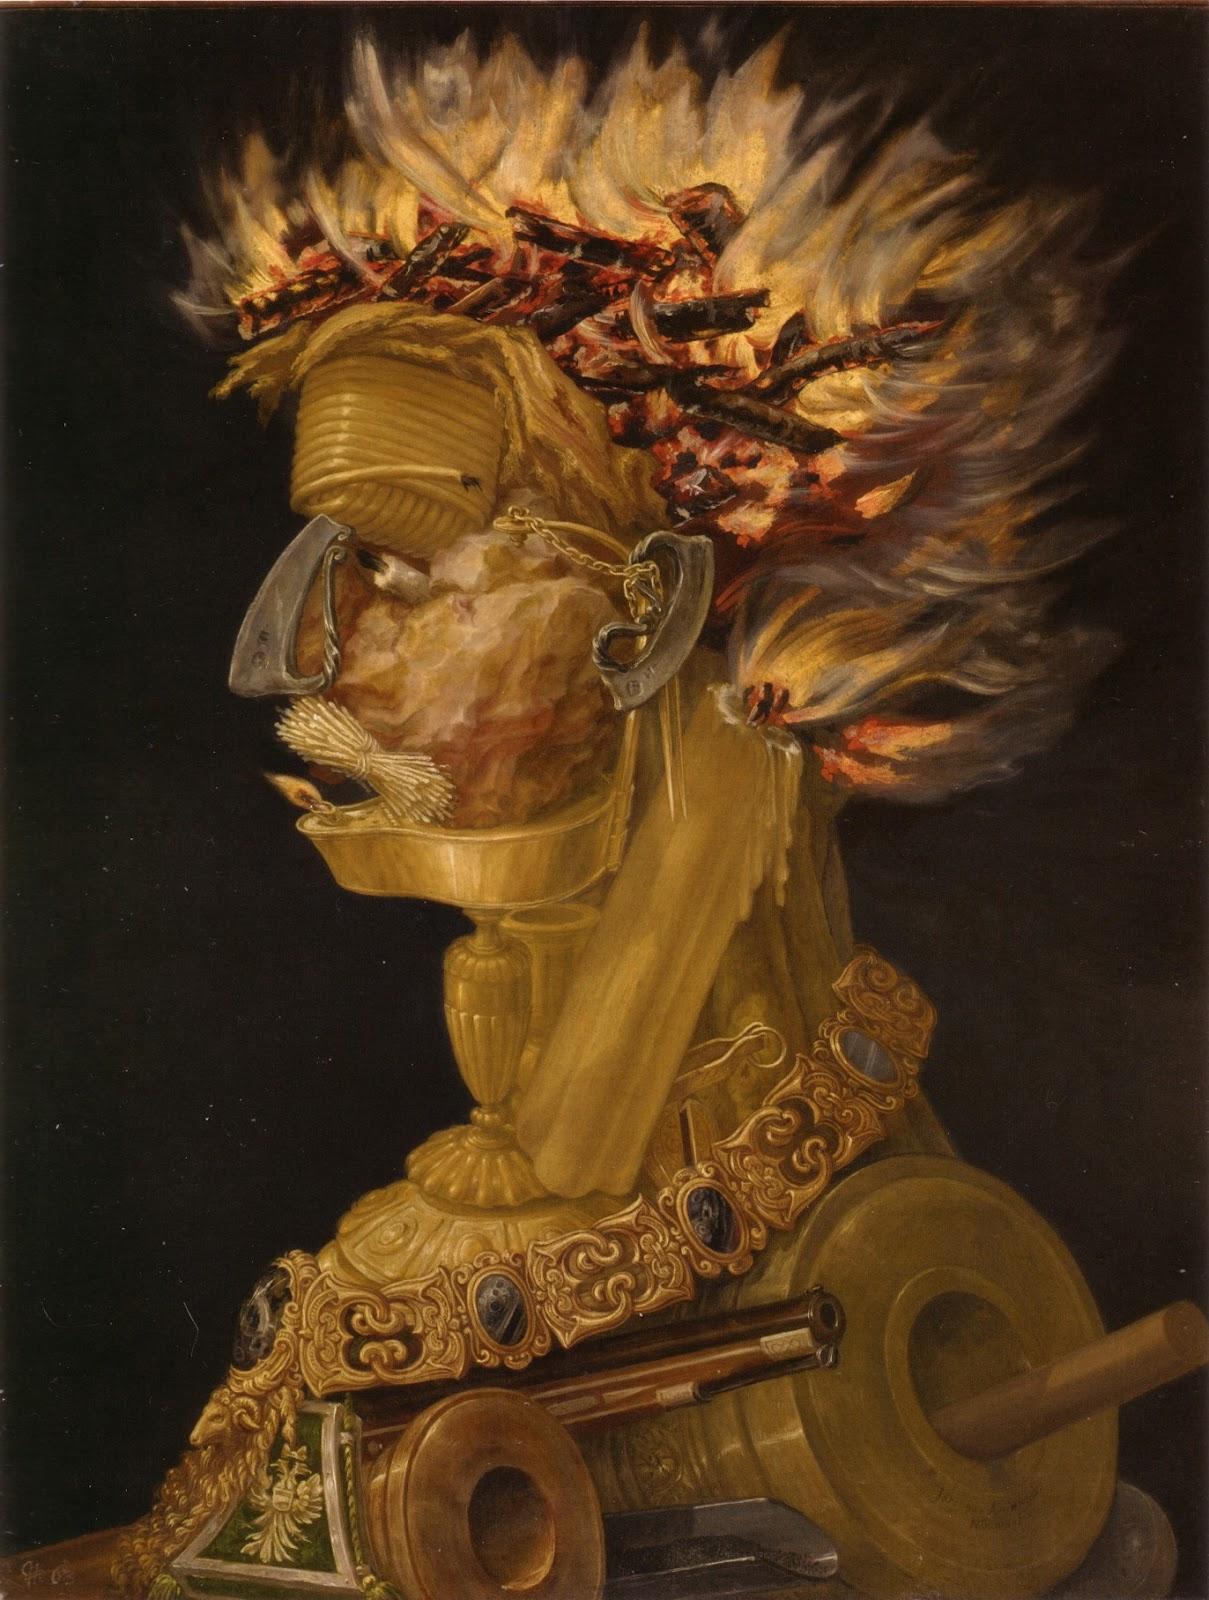 art magique: Giuseppe Arcimboldo: art-magique.blogspot.com/2012/04/giuseppe-arcimboldo.html